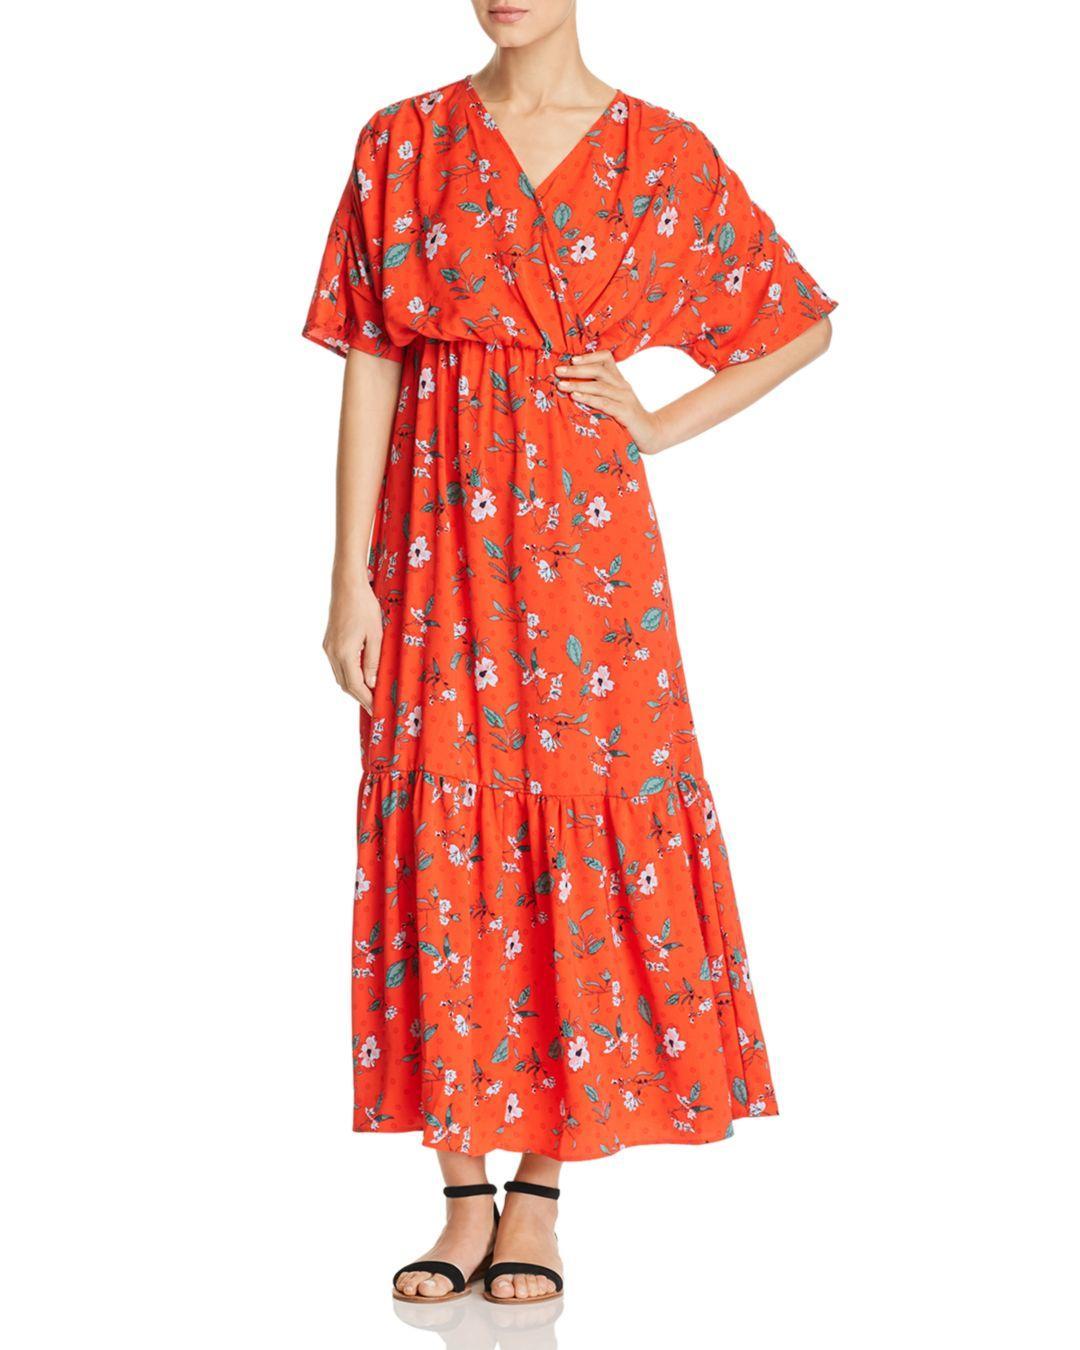 38c4f9eb2a Vero Moda Ava Floral - Print Maxi Dress in Red - Lyst